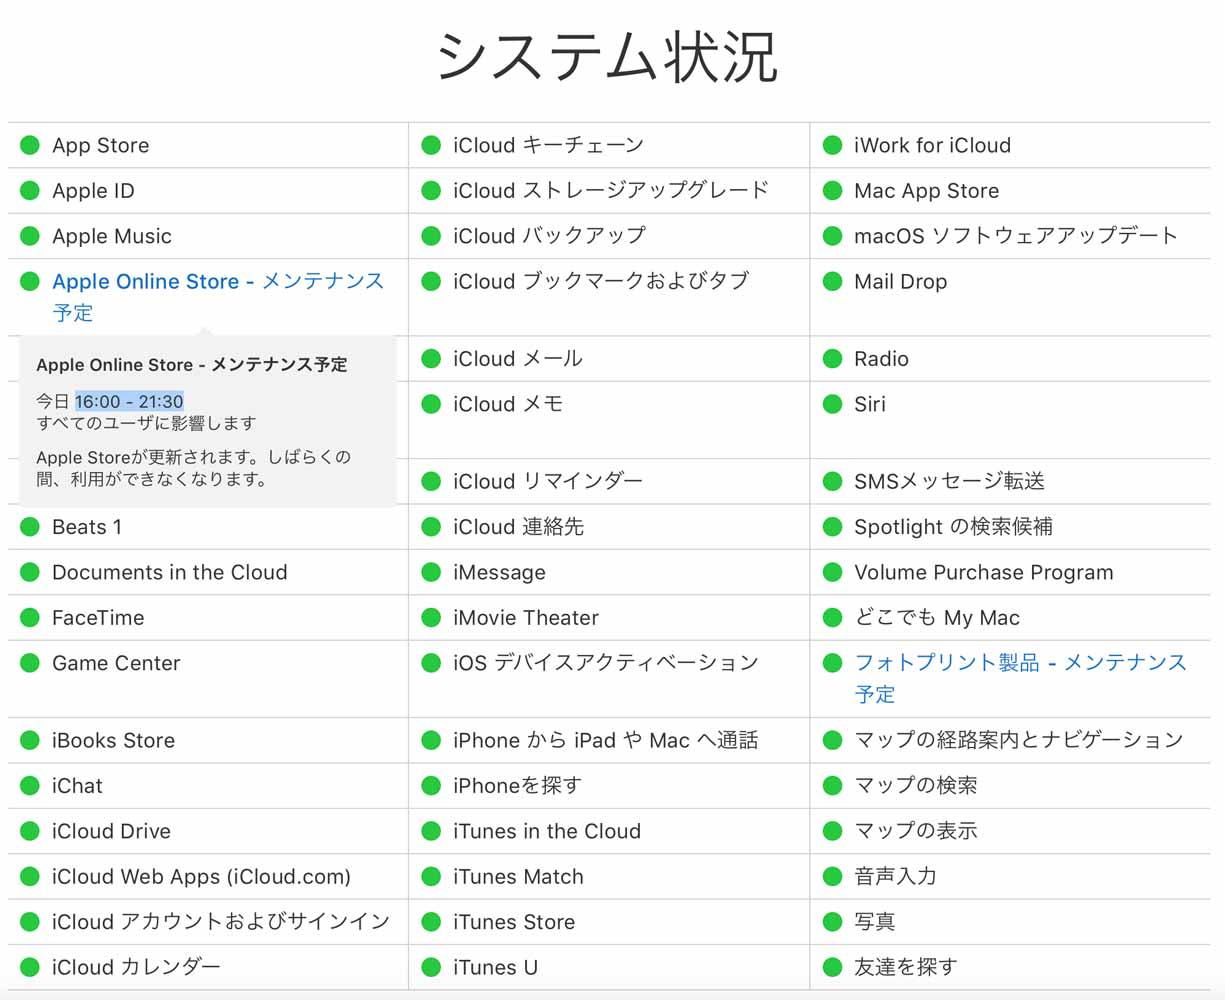 Apple、オンラインストアを本日(3/21)「16:00 – 21:30」までメンテナンス予定 ー 新型「iPad」発売の準備!?